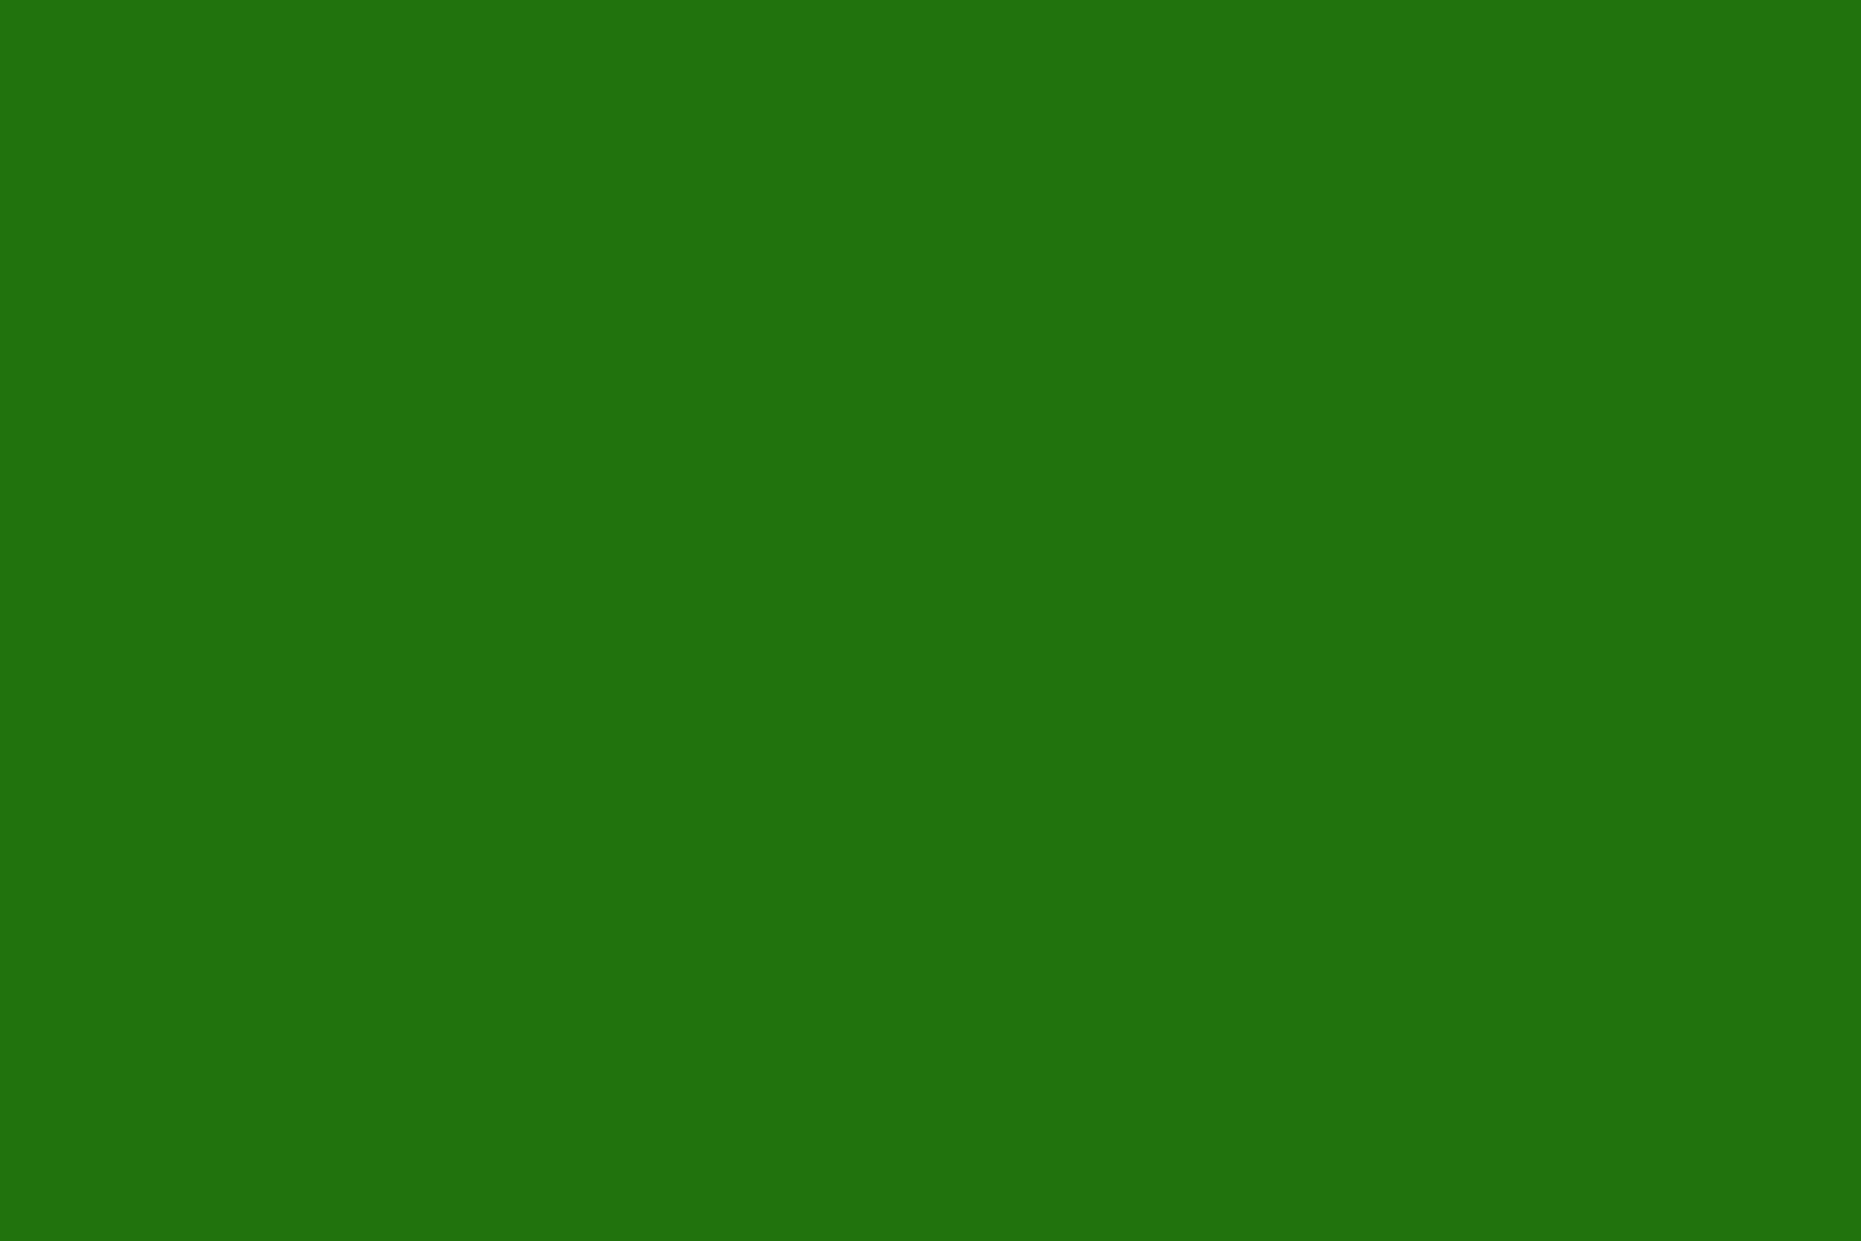 Background verde John Deere 20730d .jpg